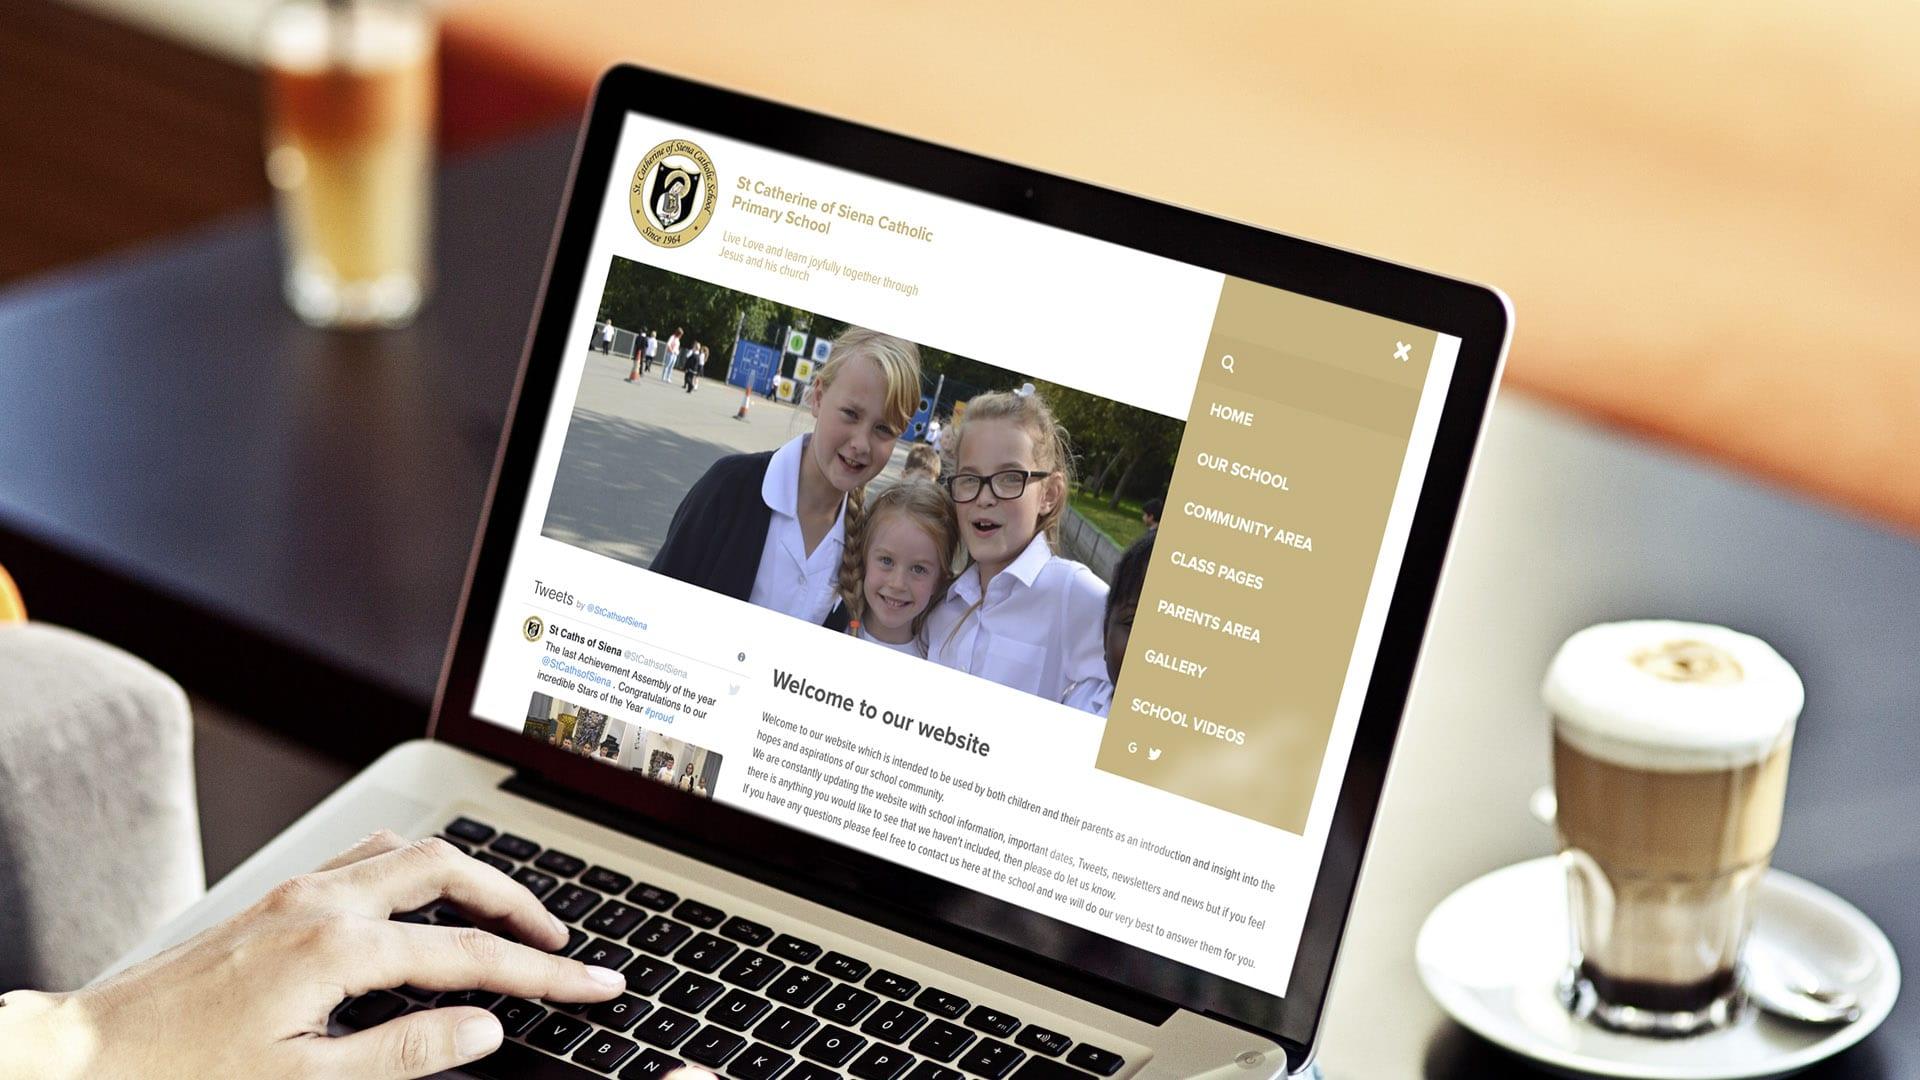 New school website design for St Catherine of Siena Catholic Primary School